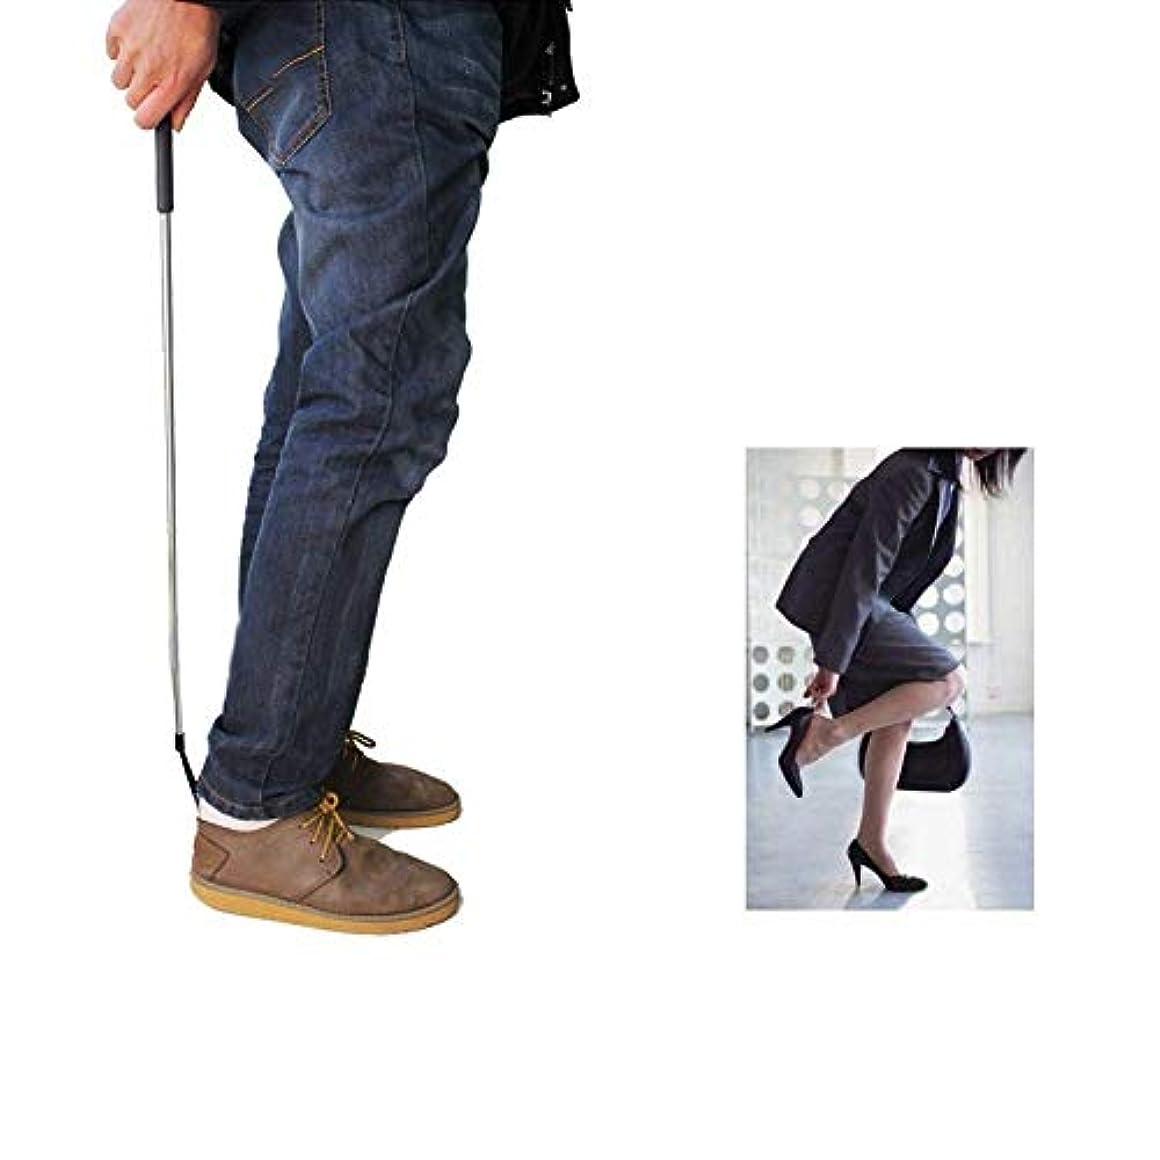 方法論もう一度責めるPichidr-JP 靴べら シューホーン くつべら 靴 長ヘラ 携帯 伸縮自在 シューケア ロング 軽量 高齢者 靴の角拡張可能&折りたたみ 男性女性靴